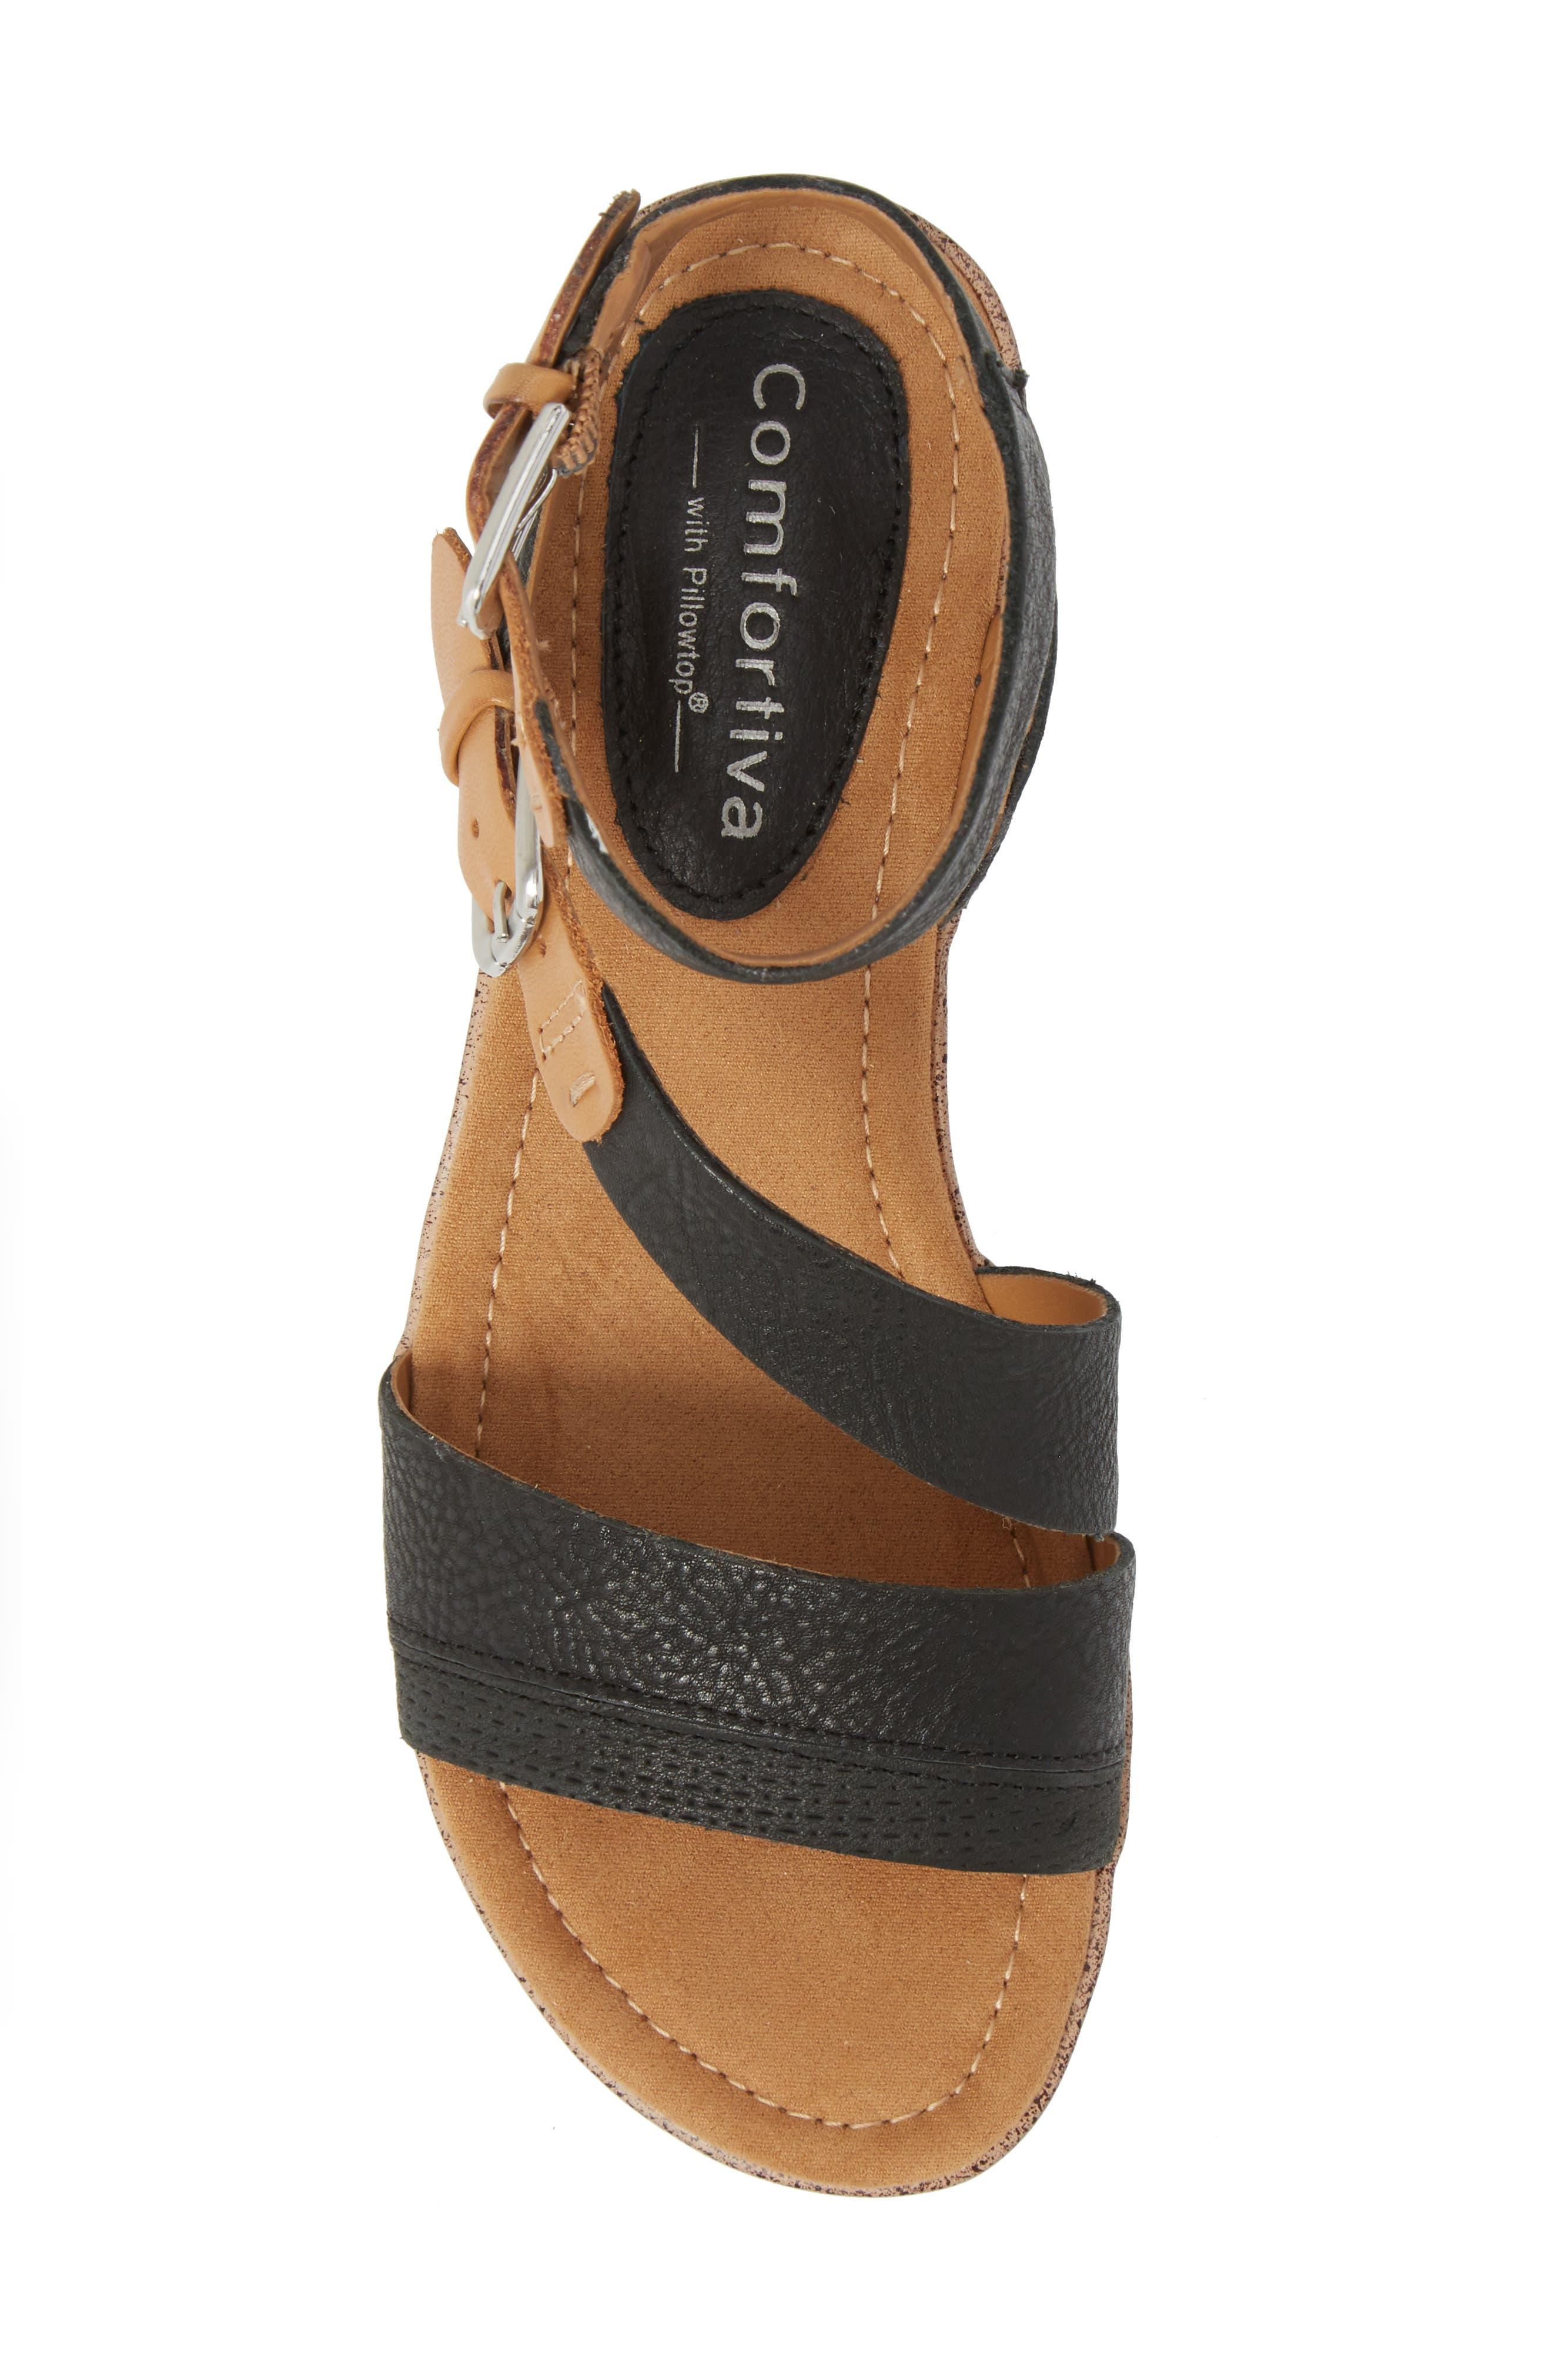 Corvina Sandal,                             Alternate thumbnail 5, color,                             Black/ Sand Leather